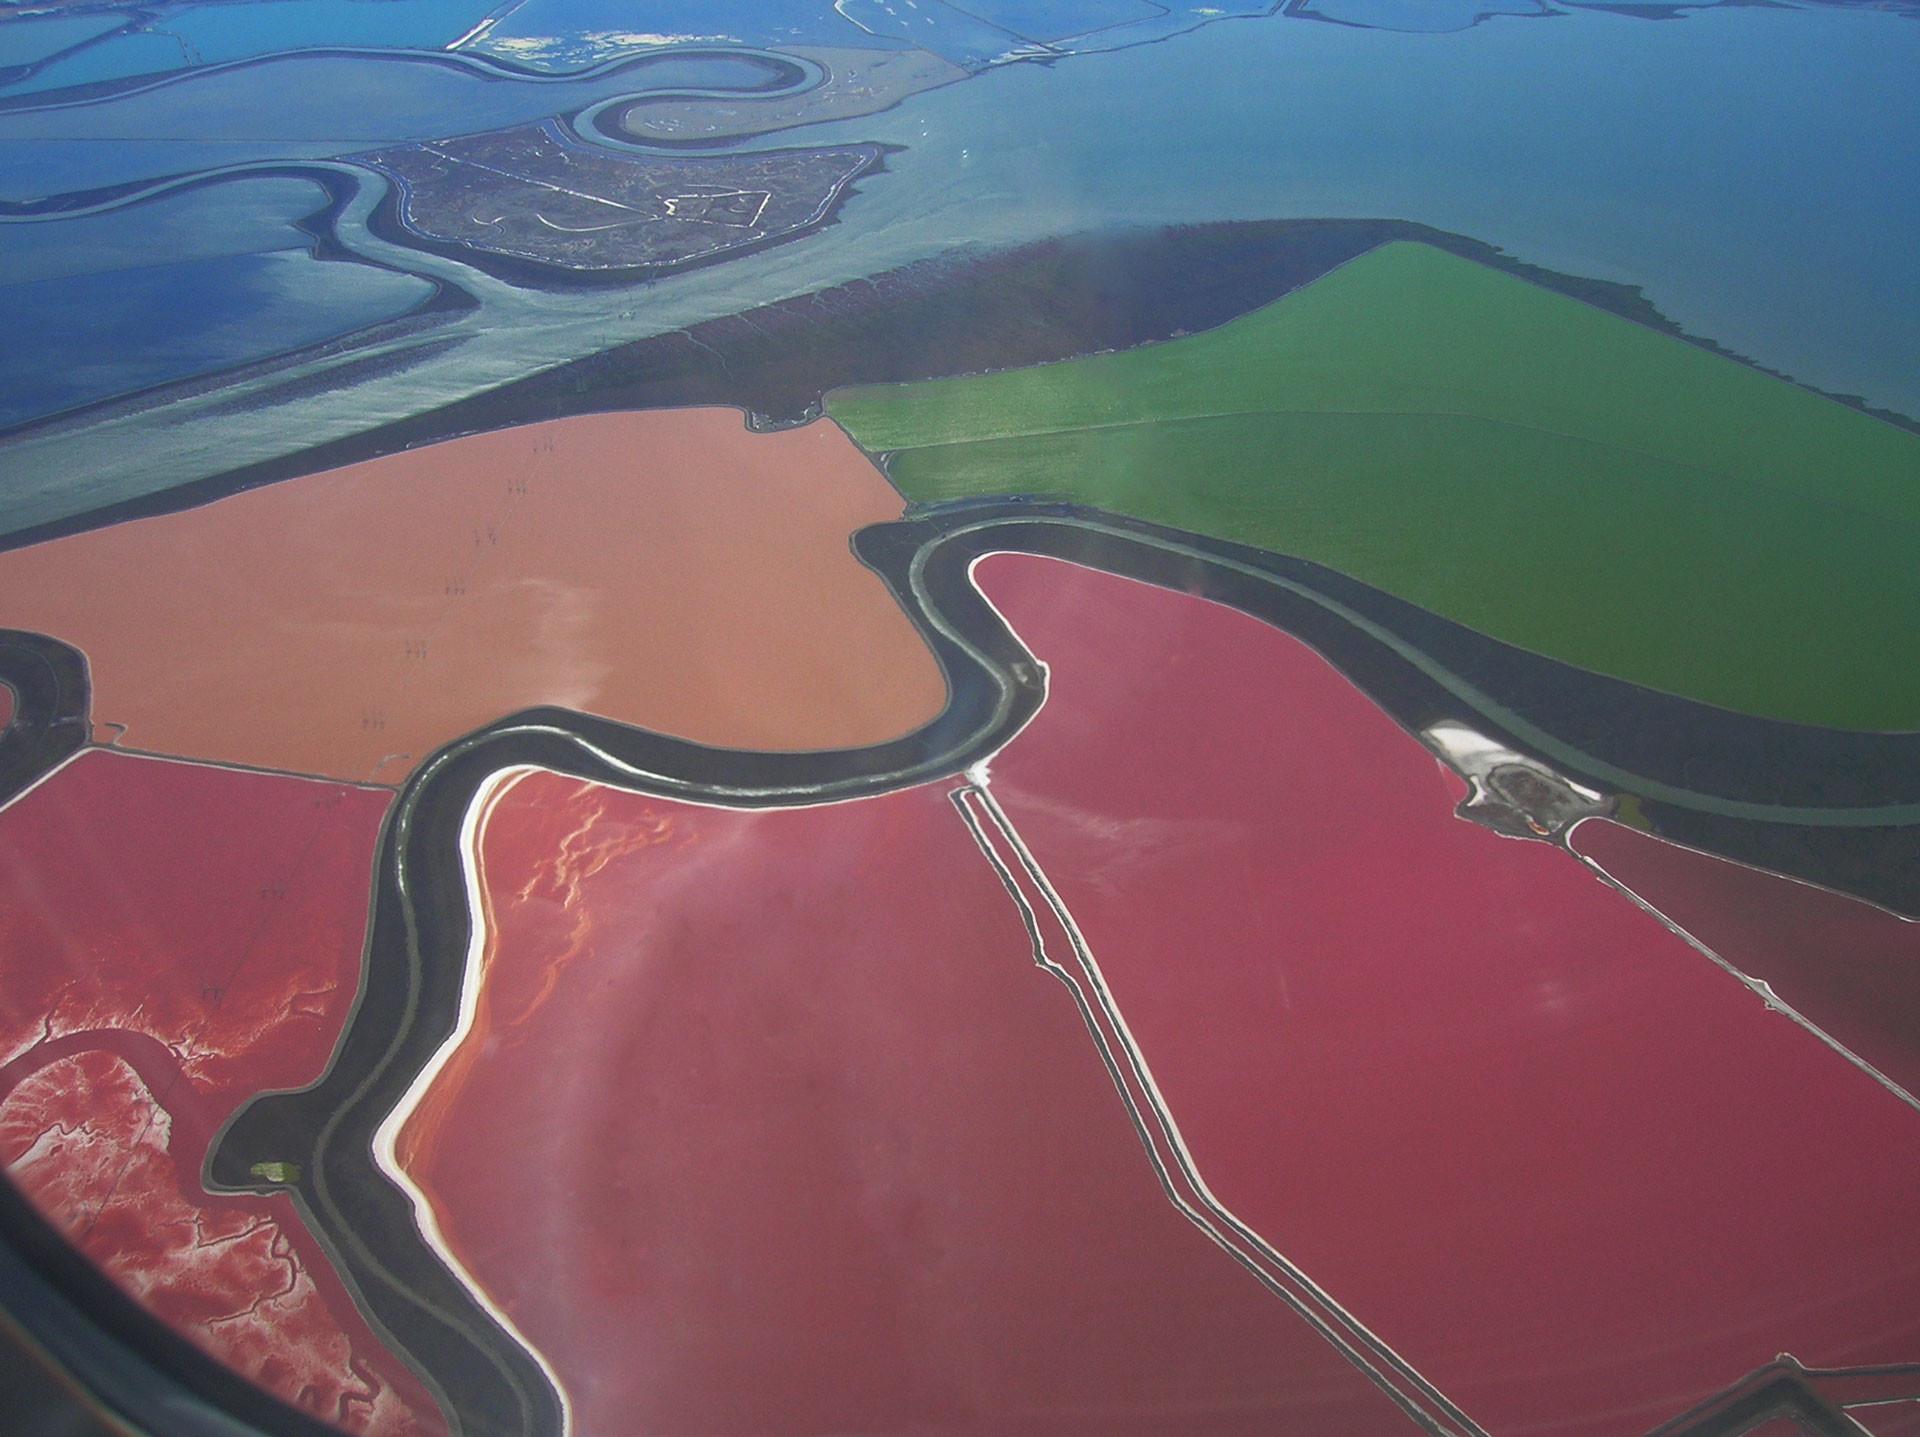 Инопланетный цвет этих прудов у Сан-Франциско дают археи-солефилы; подобные организмы размножаются при содержании соли в воде до 37 процентов. Фото: © wikipedia.org